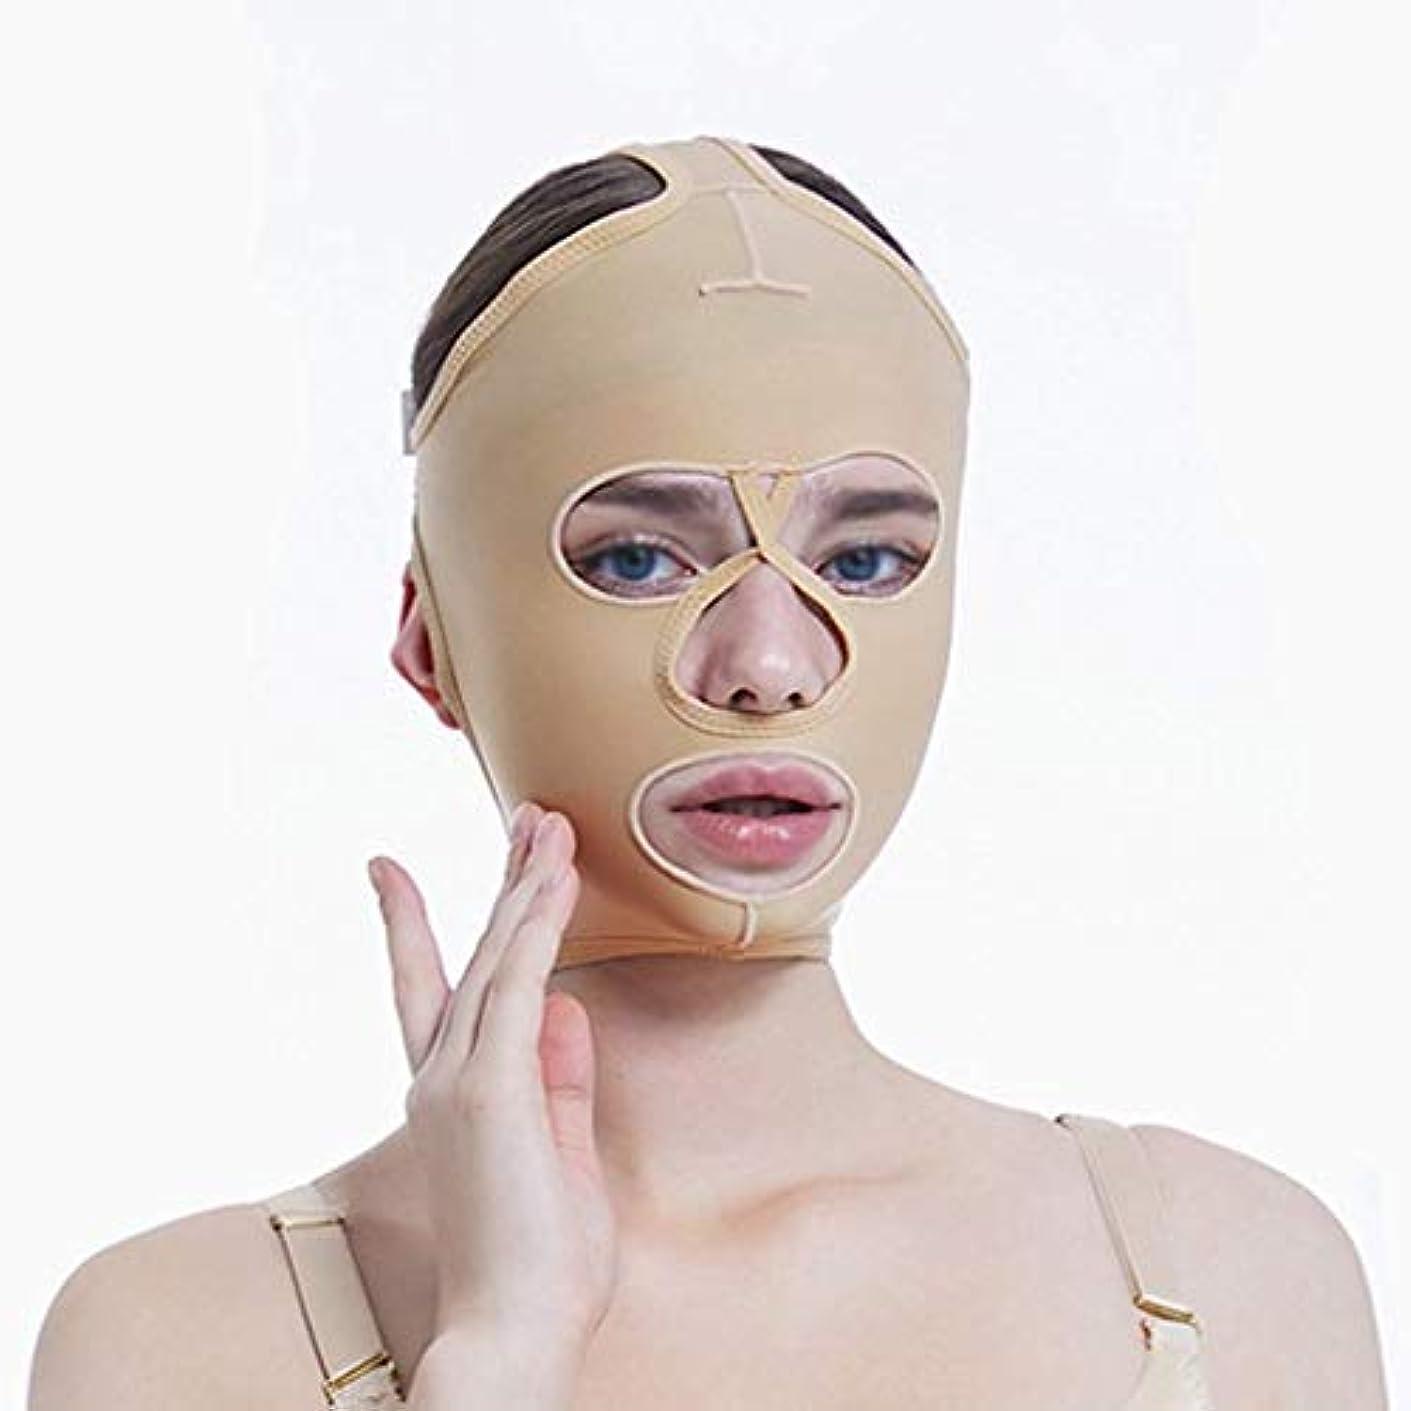 ジョセフバンクスめまいが一流チンリフティングベルト、超薄型ベルト、引き締めマスク、包帯吊り、フェイスリフティングマスク、超薄型ベルト、通気性(サイズ:L),M